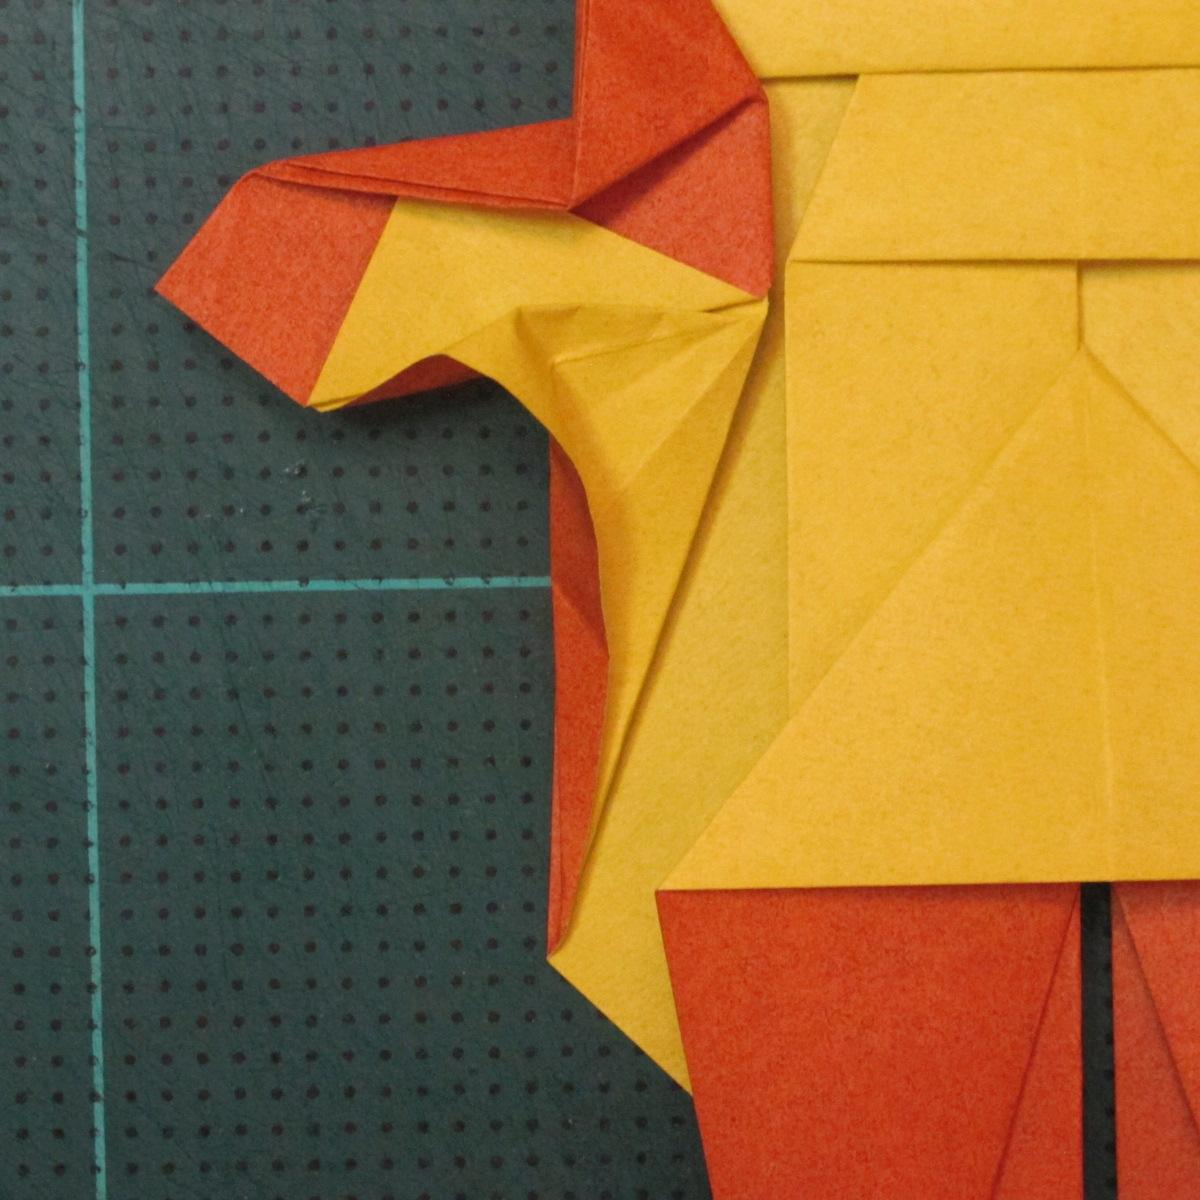 การพับกระดาษเป็นรูปปลาคาร์ฟ (Origami Koi Fish) 027